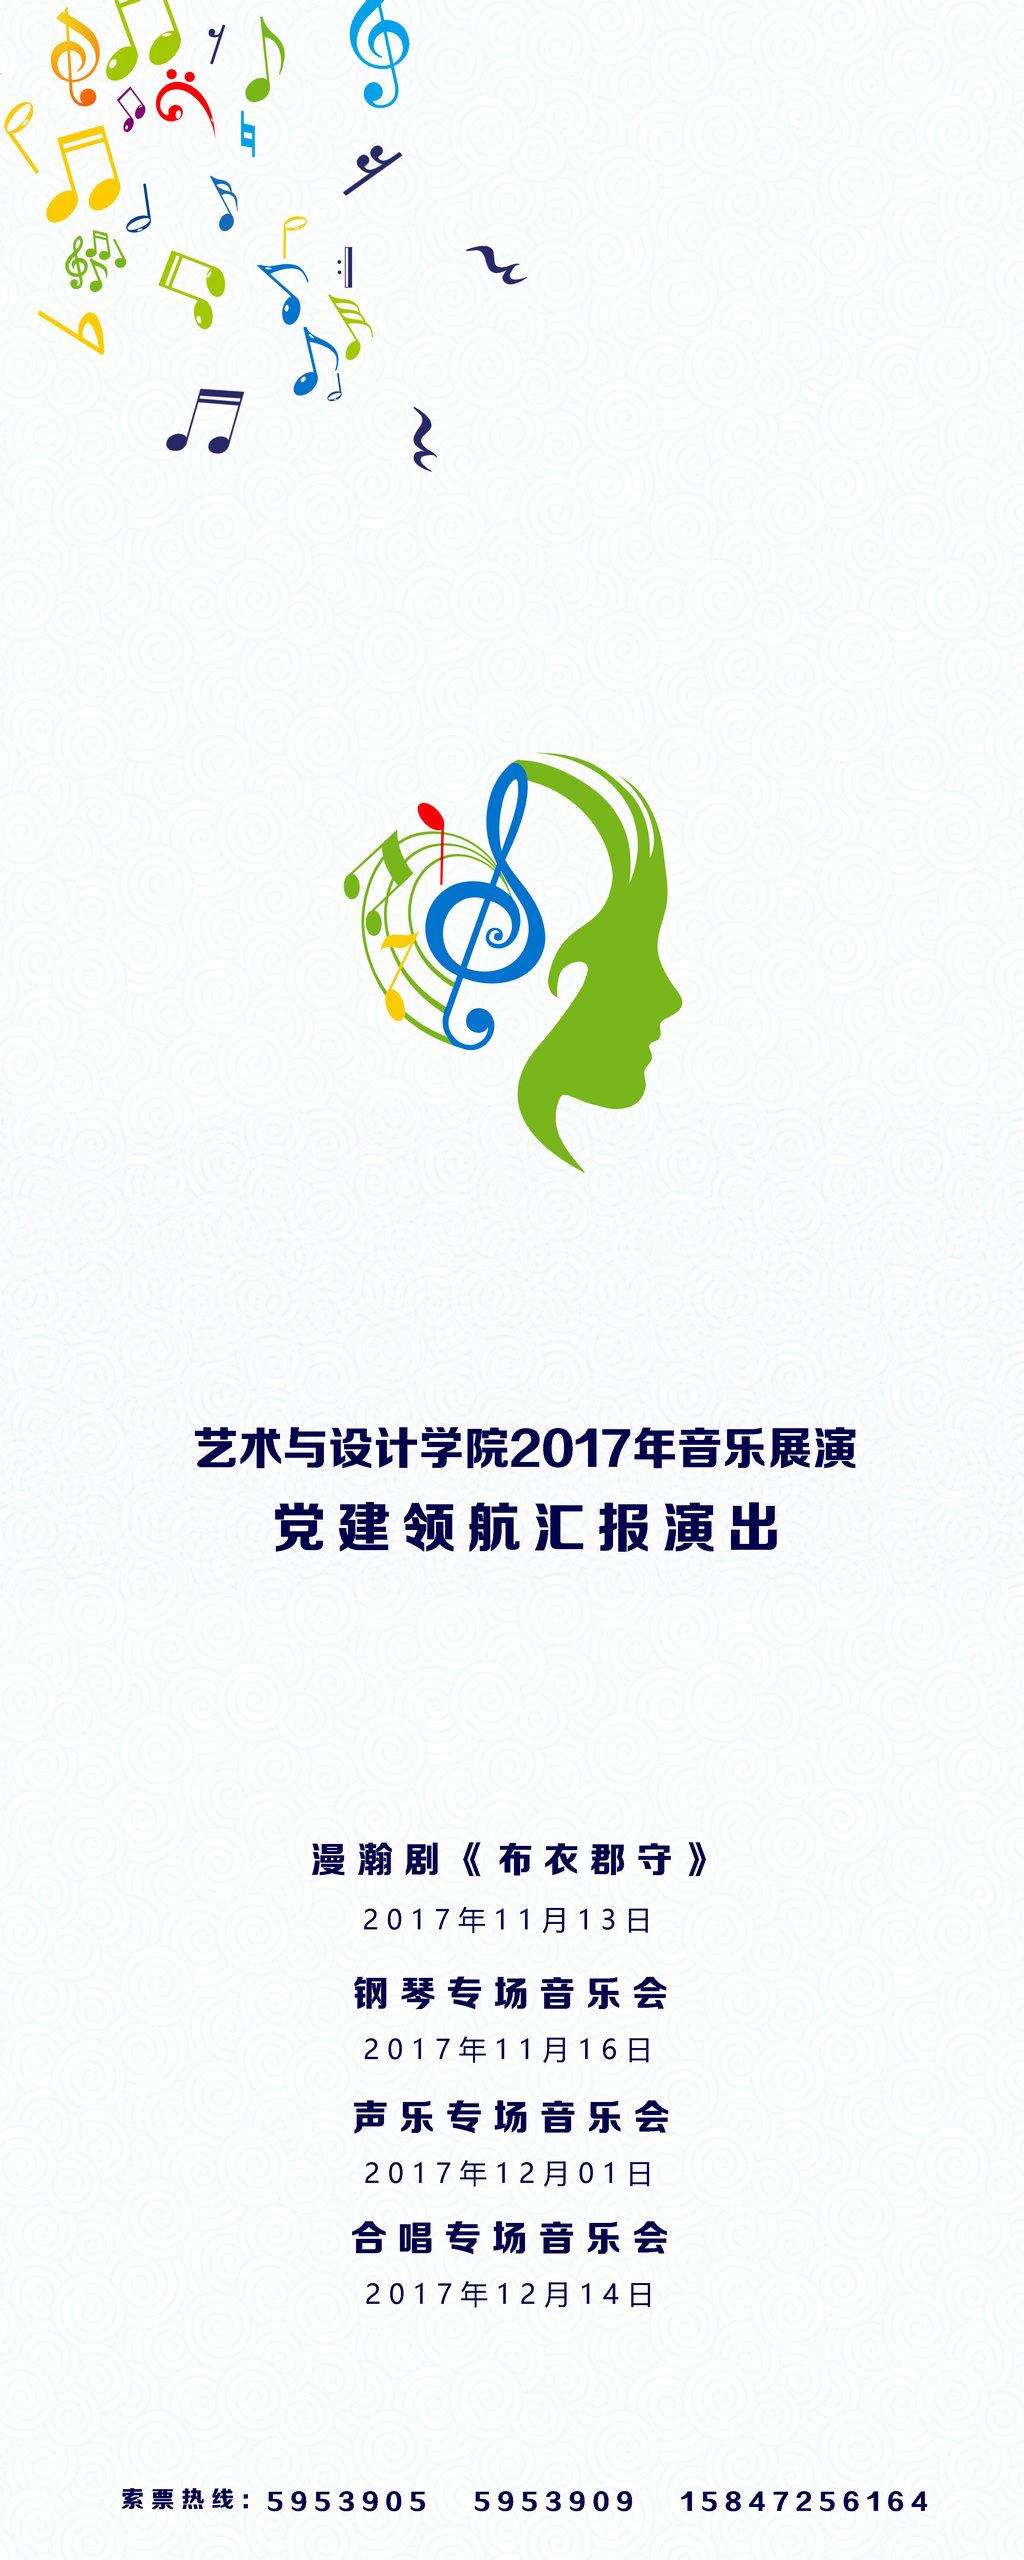 艺术与设计学院2017年音乐展演 党建领航汇报演出公告